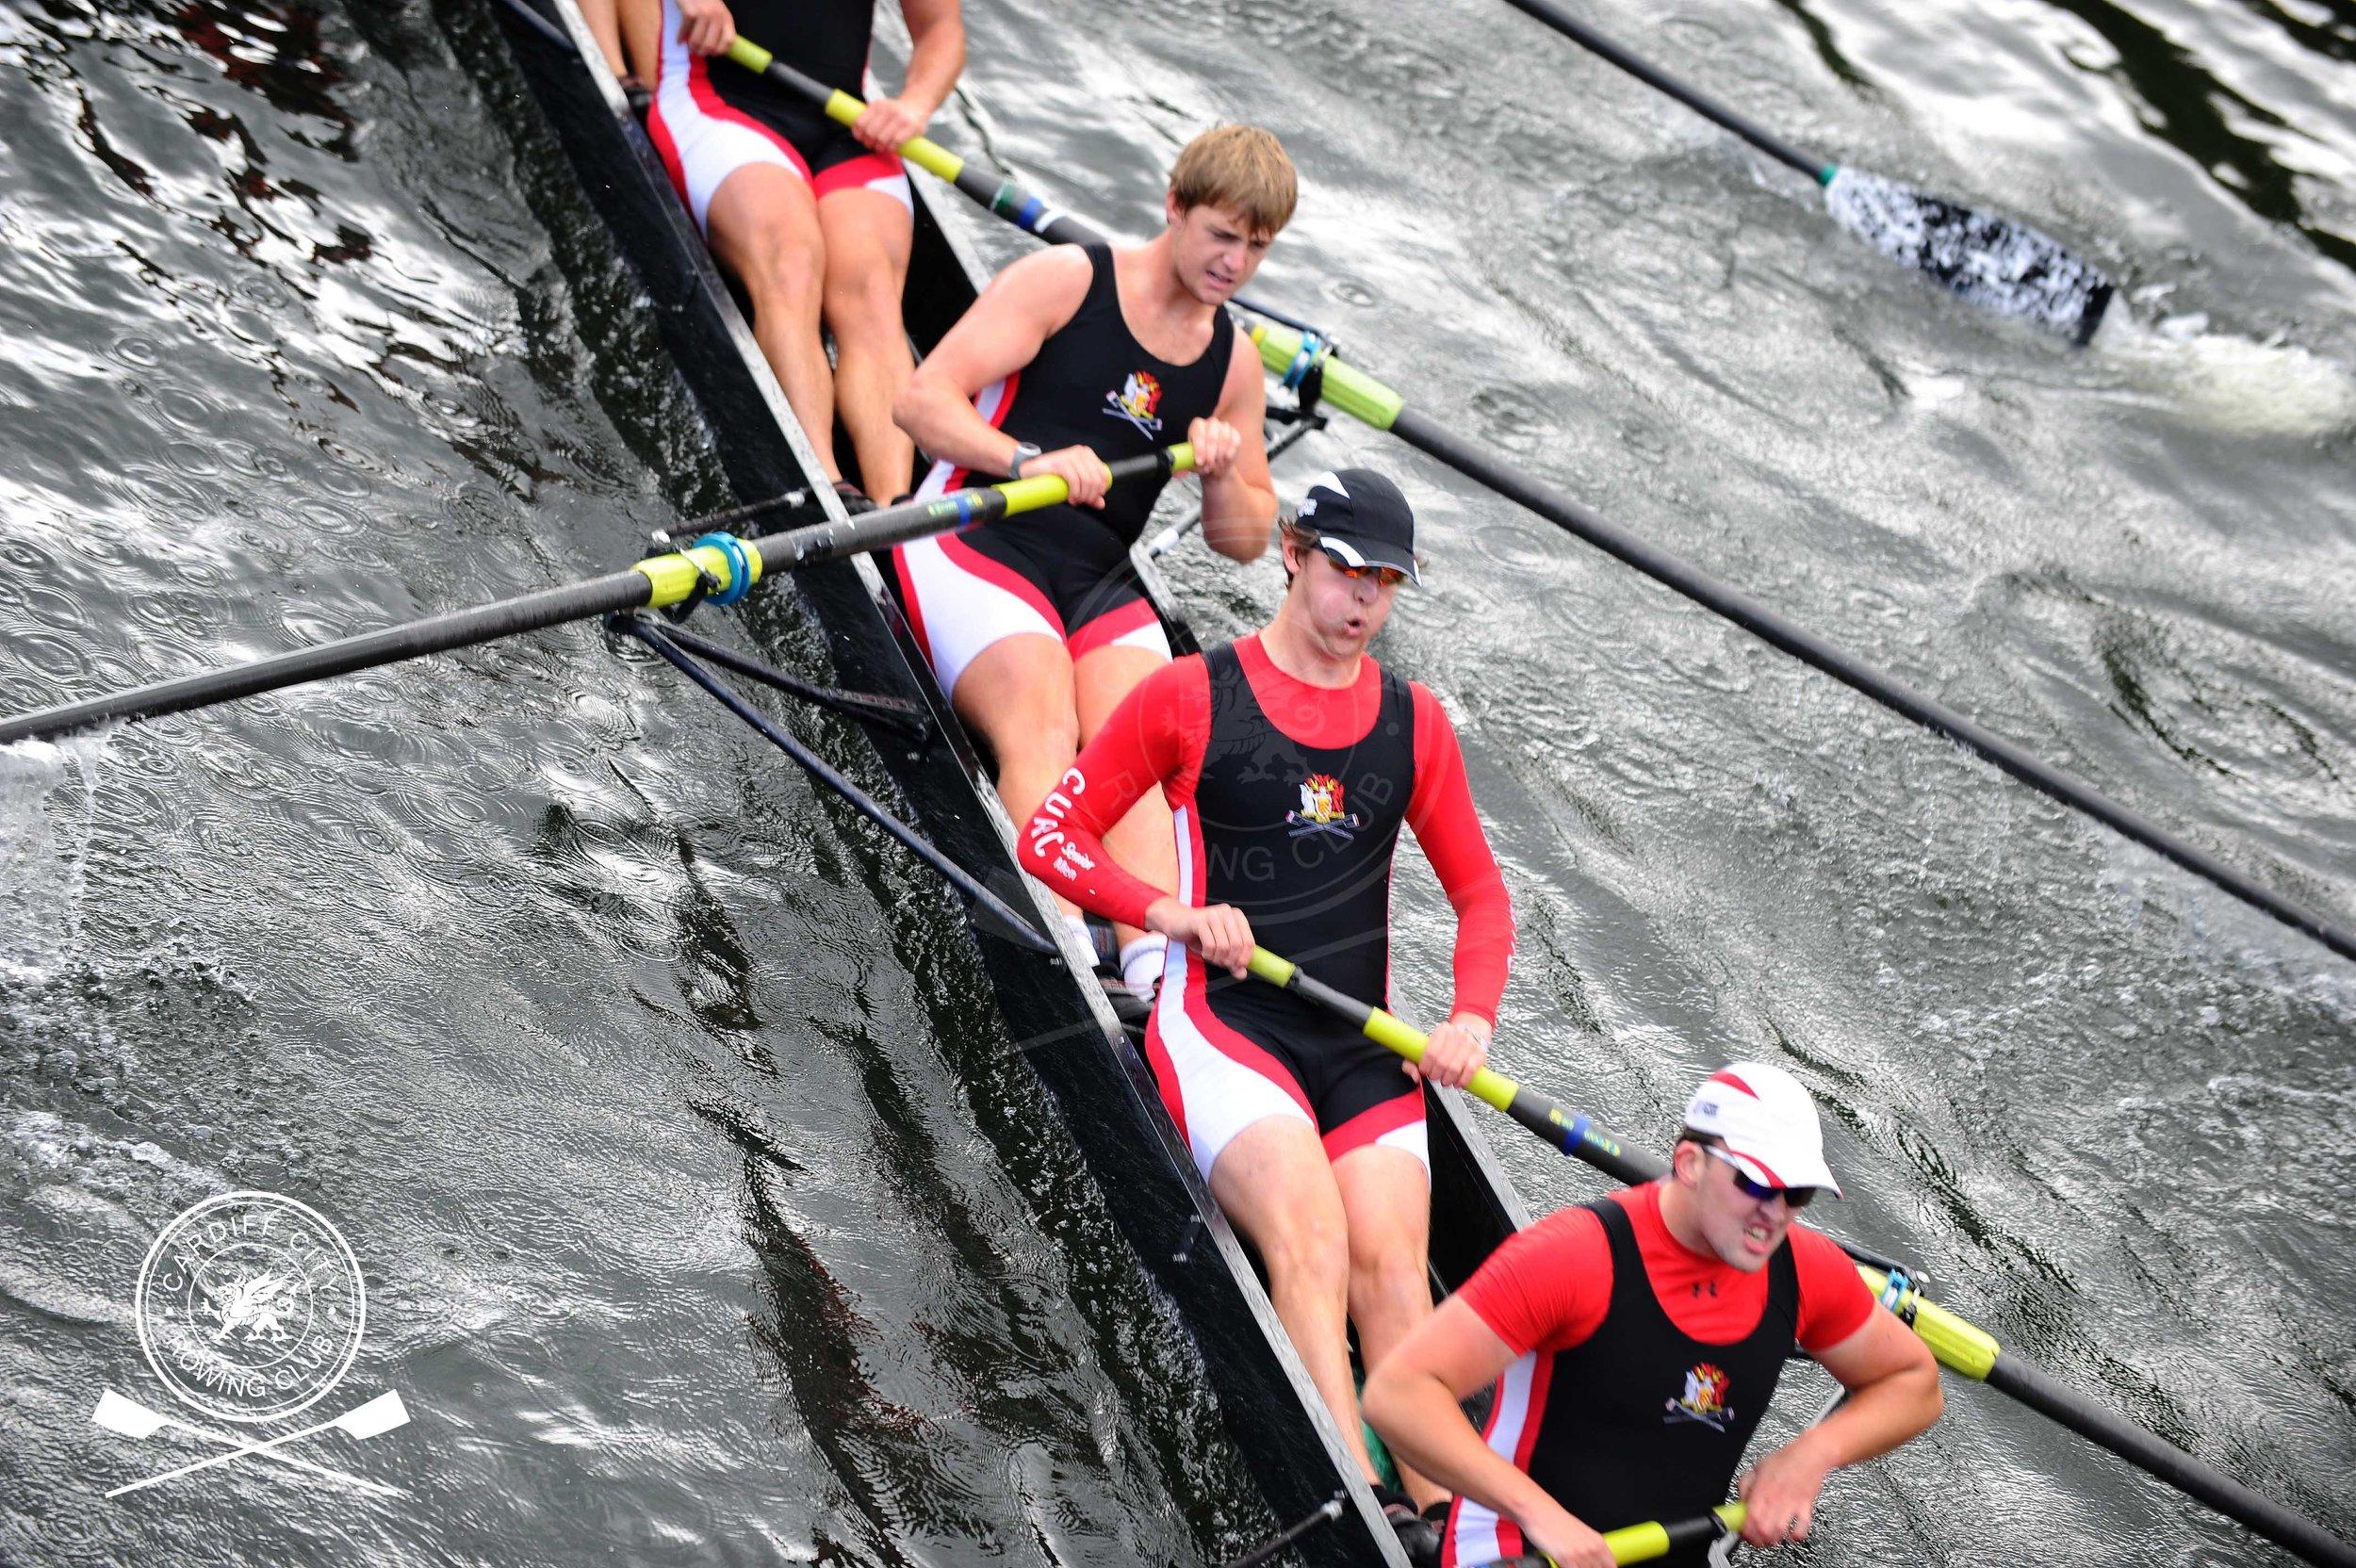 Cardiff_City_Head_Race_227.jpg